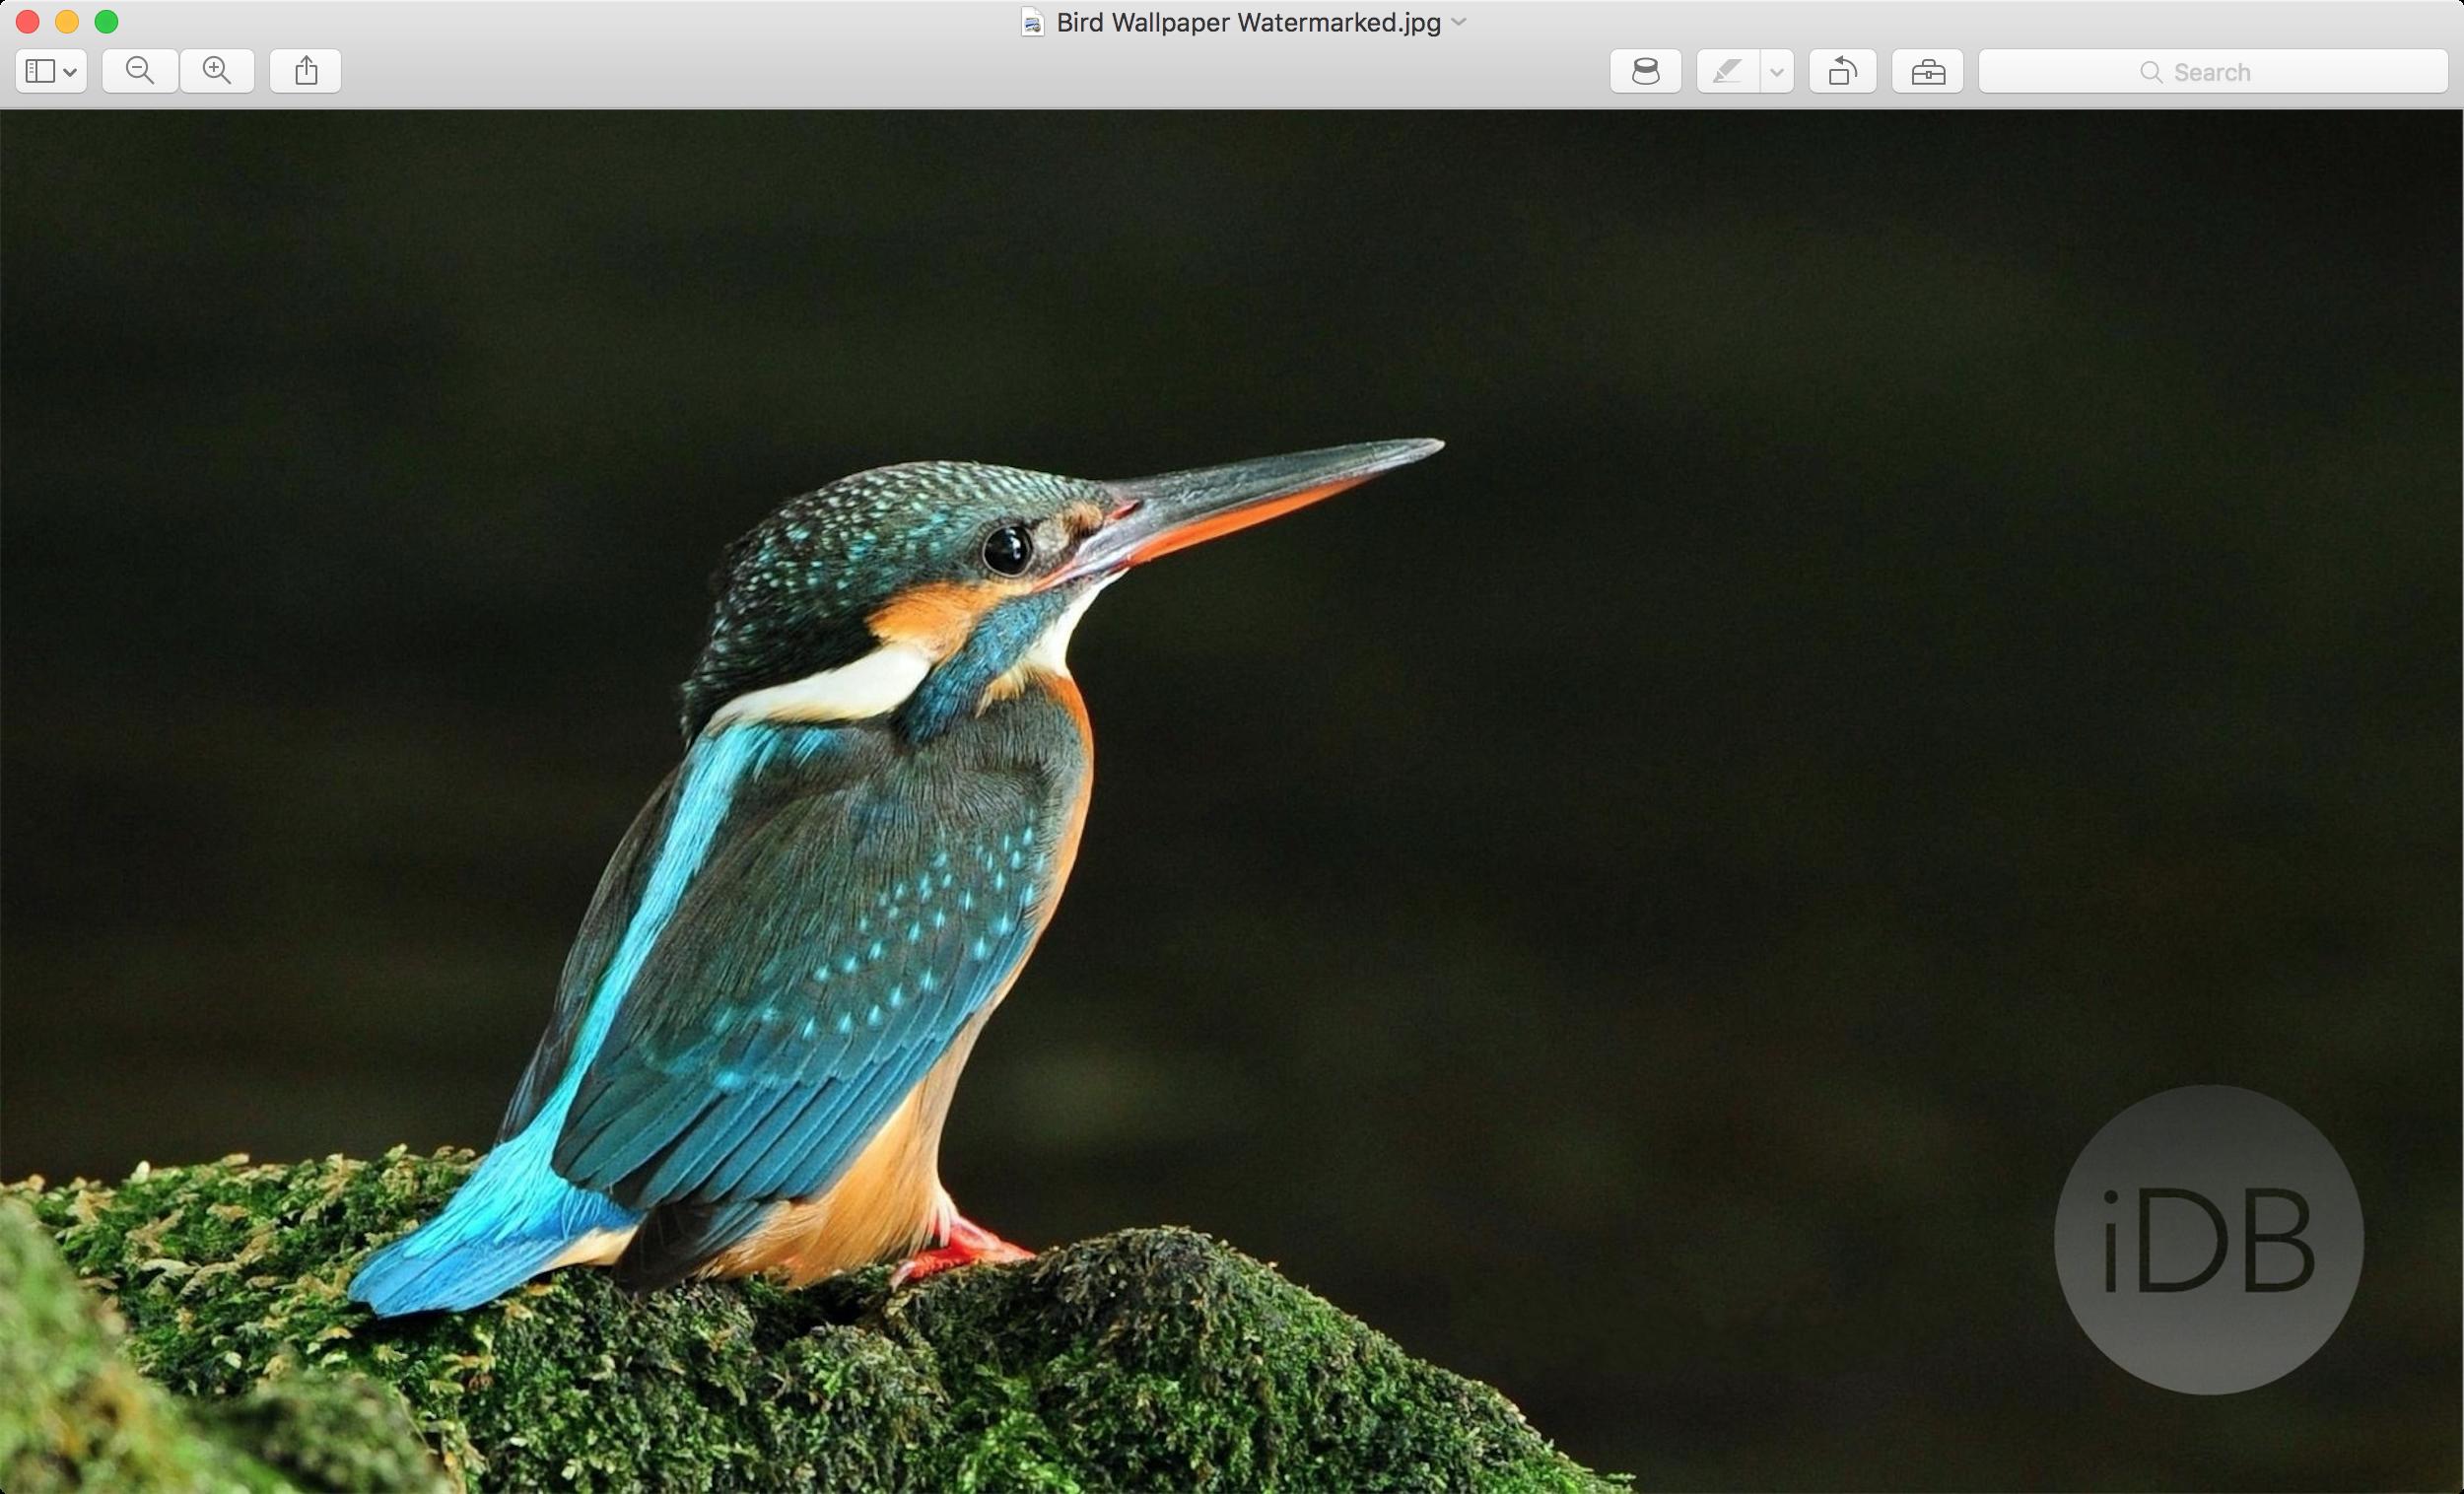 Imagen con marca de agua en la aplicación Vista previa en Mac